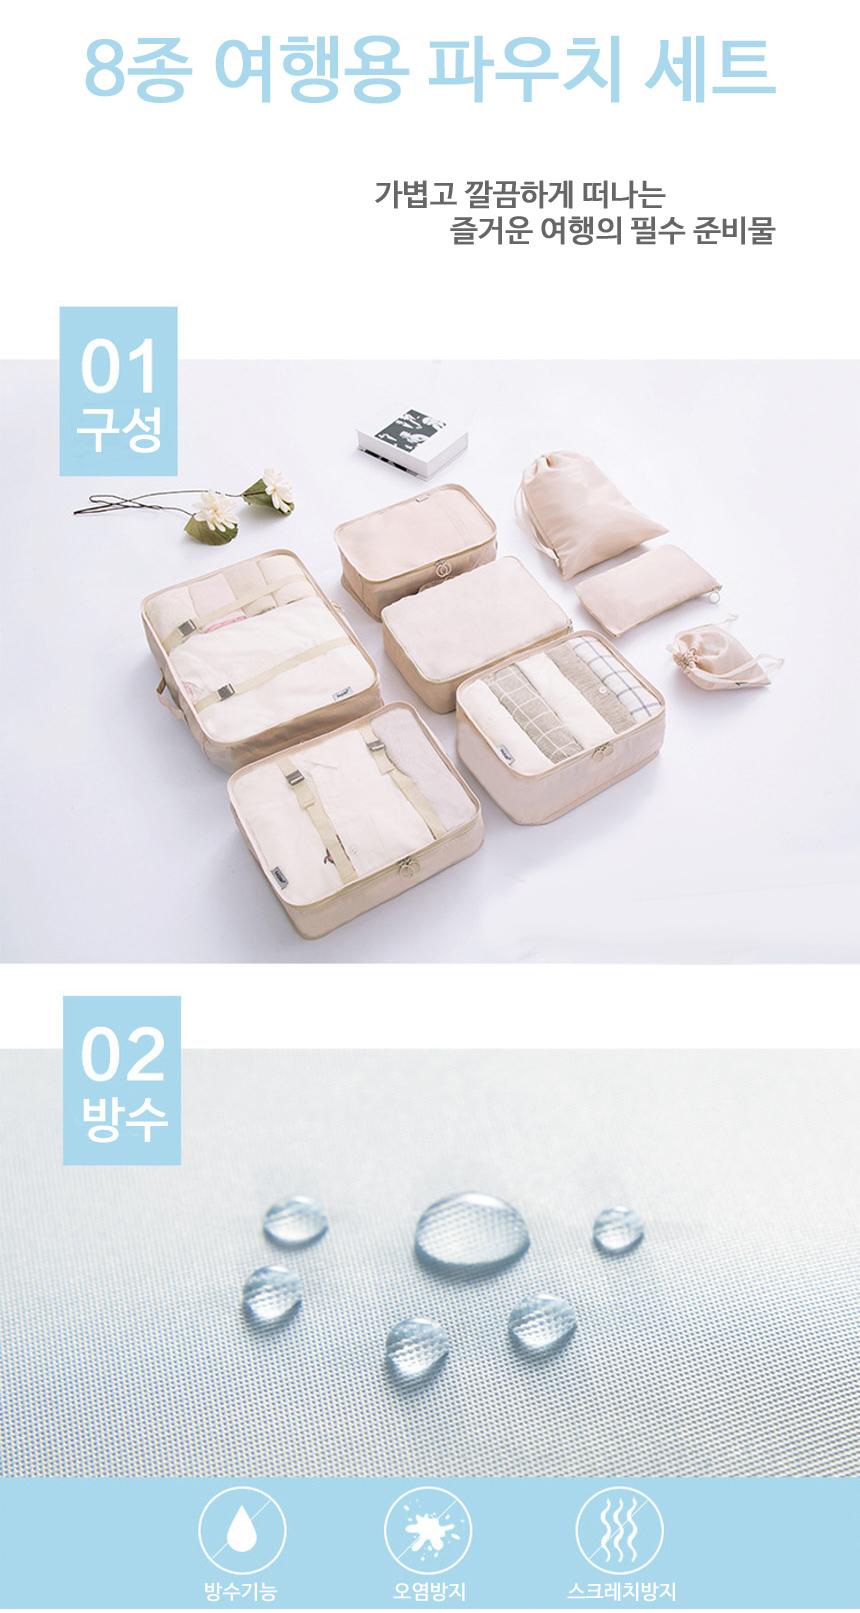 8종 여행용파우치세트 - 바오마루, 23,500원, 트래블팩단품, 멀티파우치